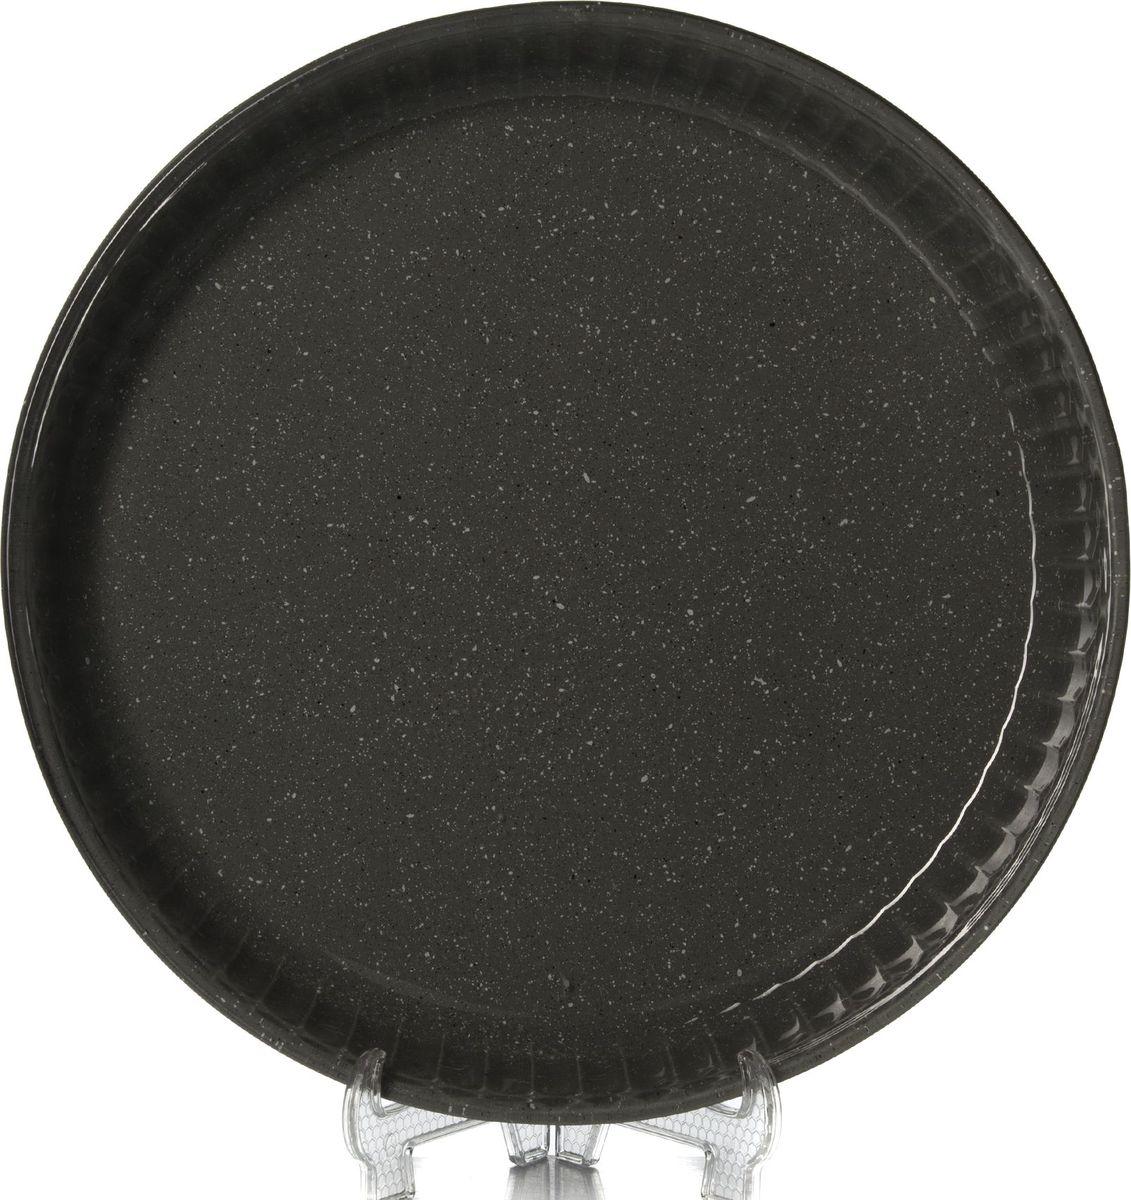 Посуда для СВЧ Pasabahce, диаметр 32 см. 59014DGR300194_сиреневый/грушаПосуда для СВЧ круглая d=320 мм цветное стекло (1073106)